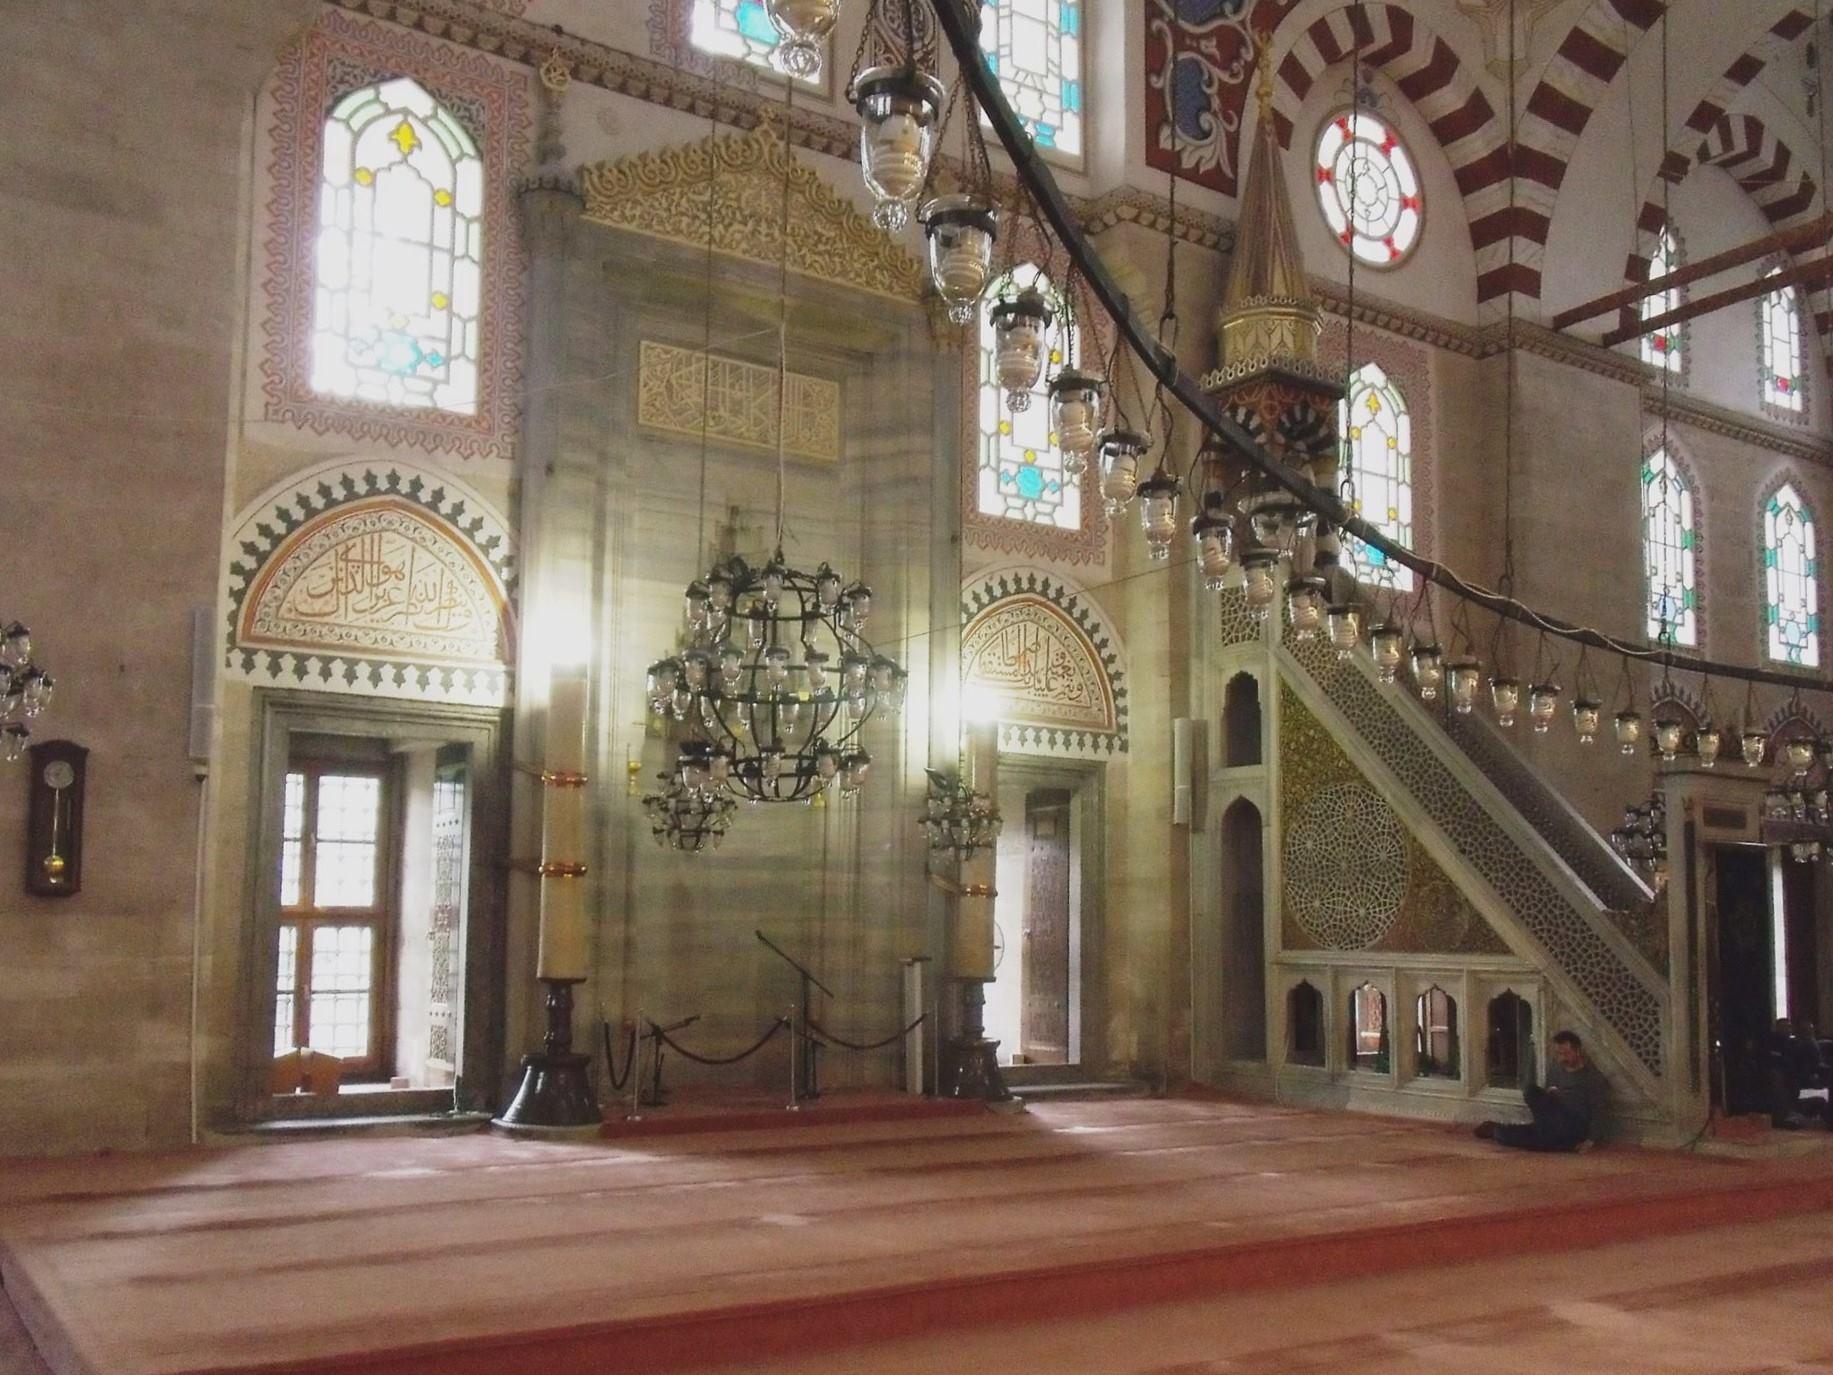 Interieur Şehzade moskee